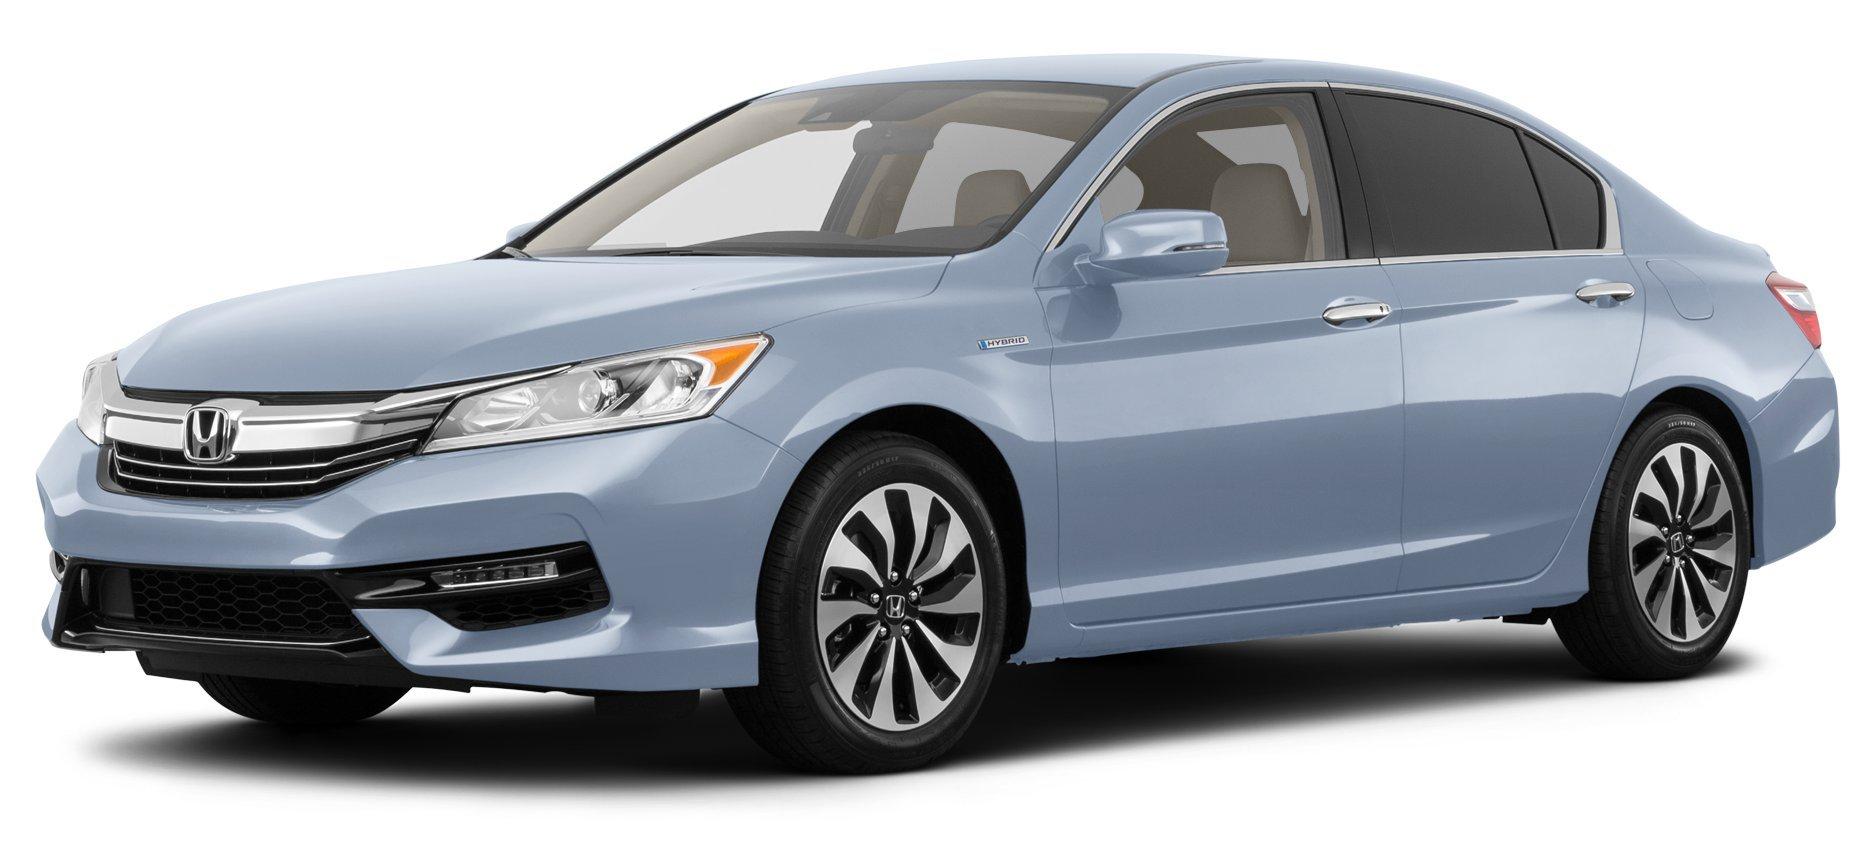 2017 honda accord sedan owners manual